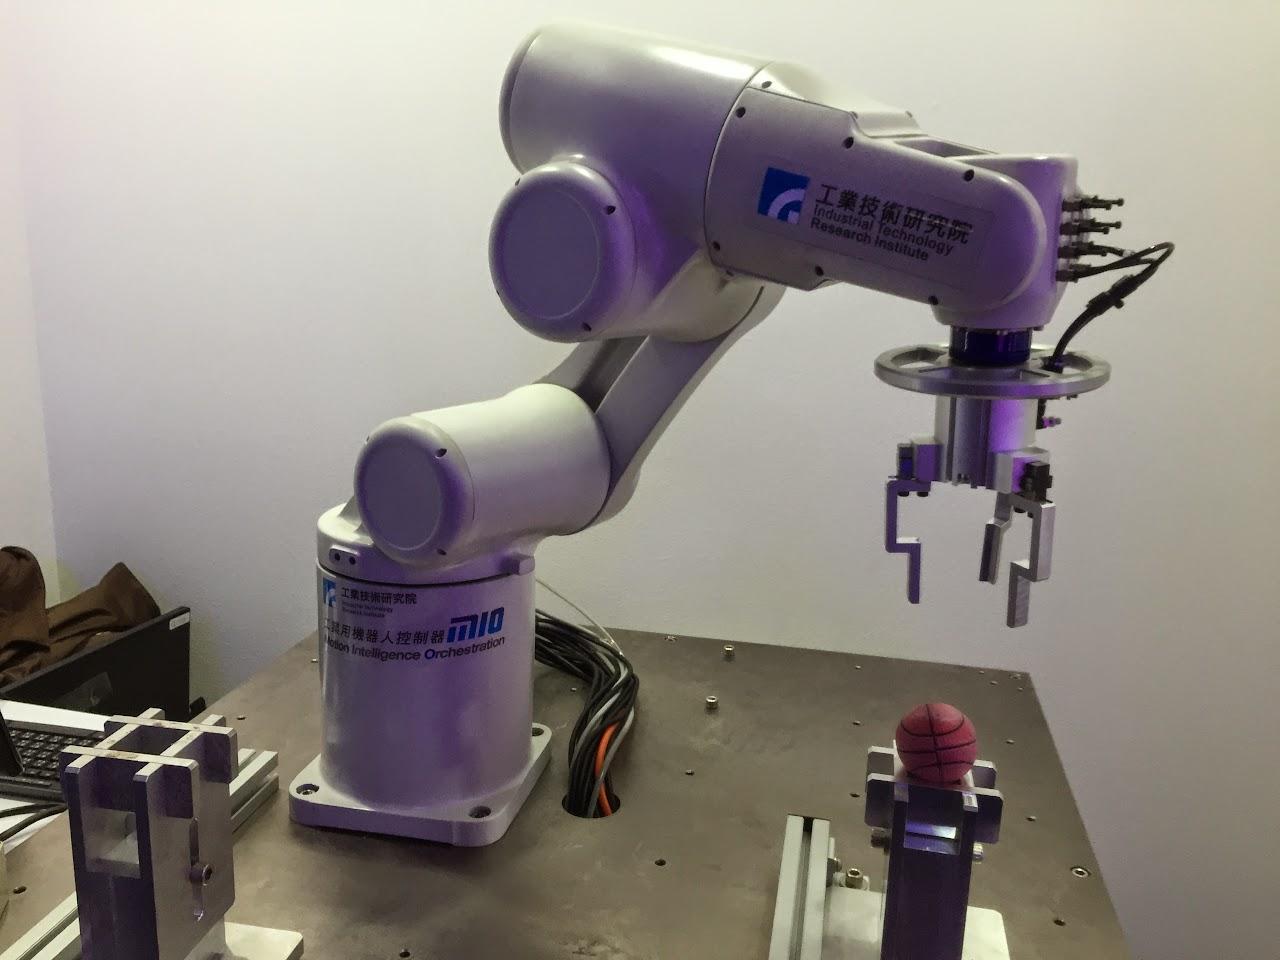 一學就會!「手眼力協調機器人」增進工廠產線彈性